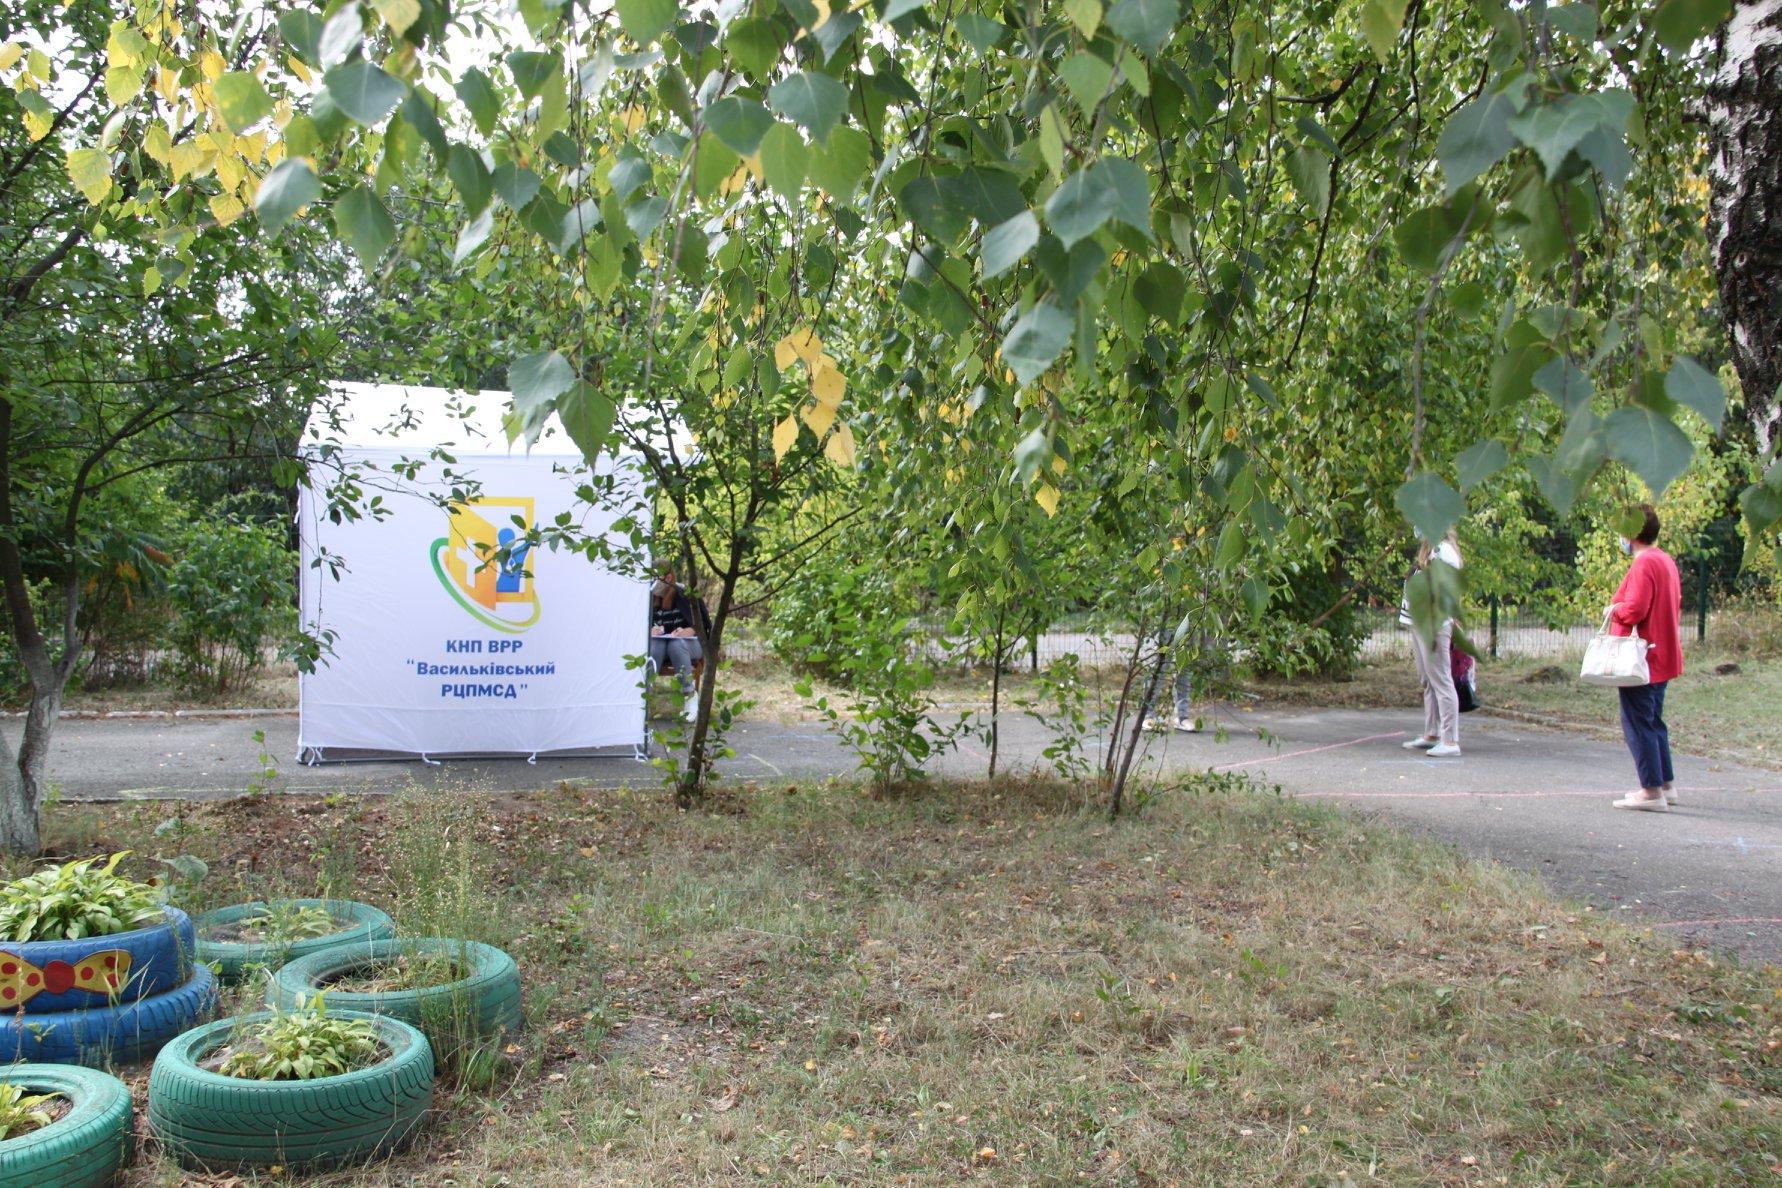 У Василькові відкрився мобільний пункт для ПЛР-тестування на COVID-19 - коронавірус - 119131517 2969155153189231 7961272557480986902 o